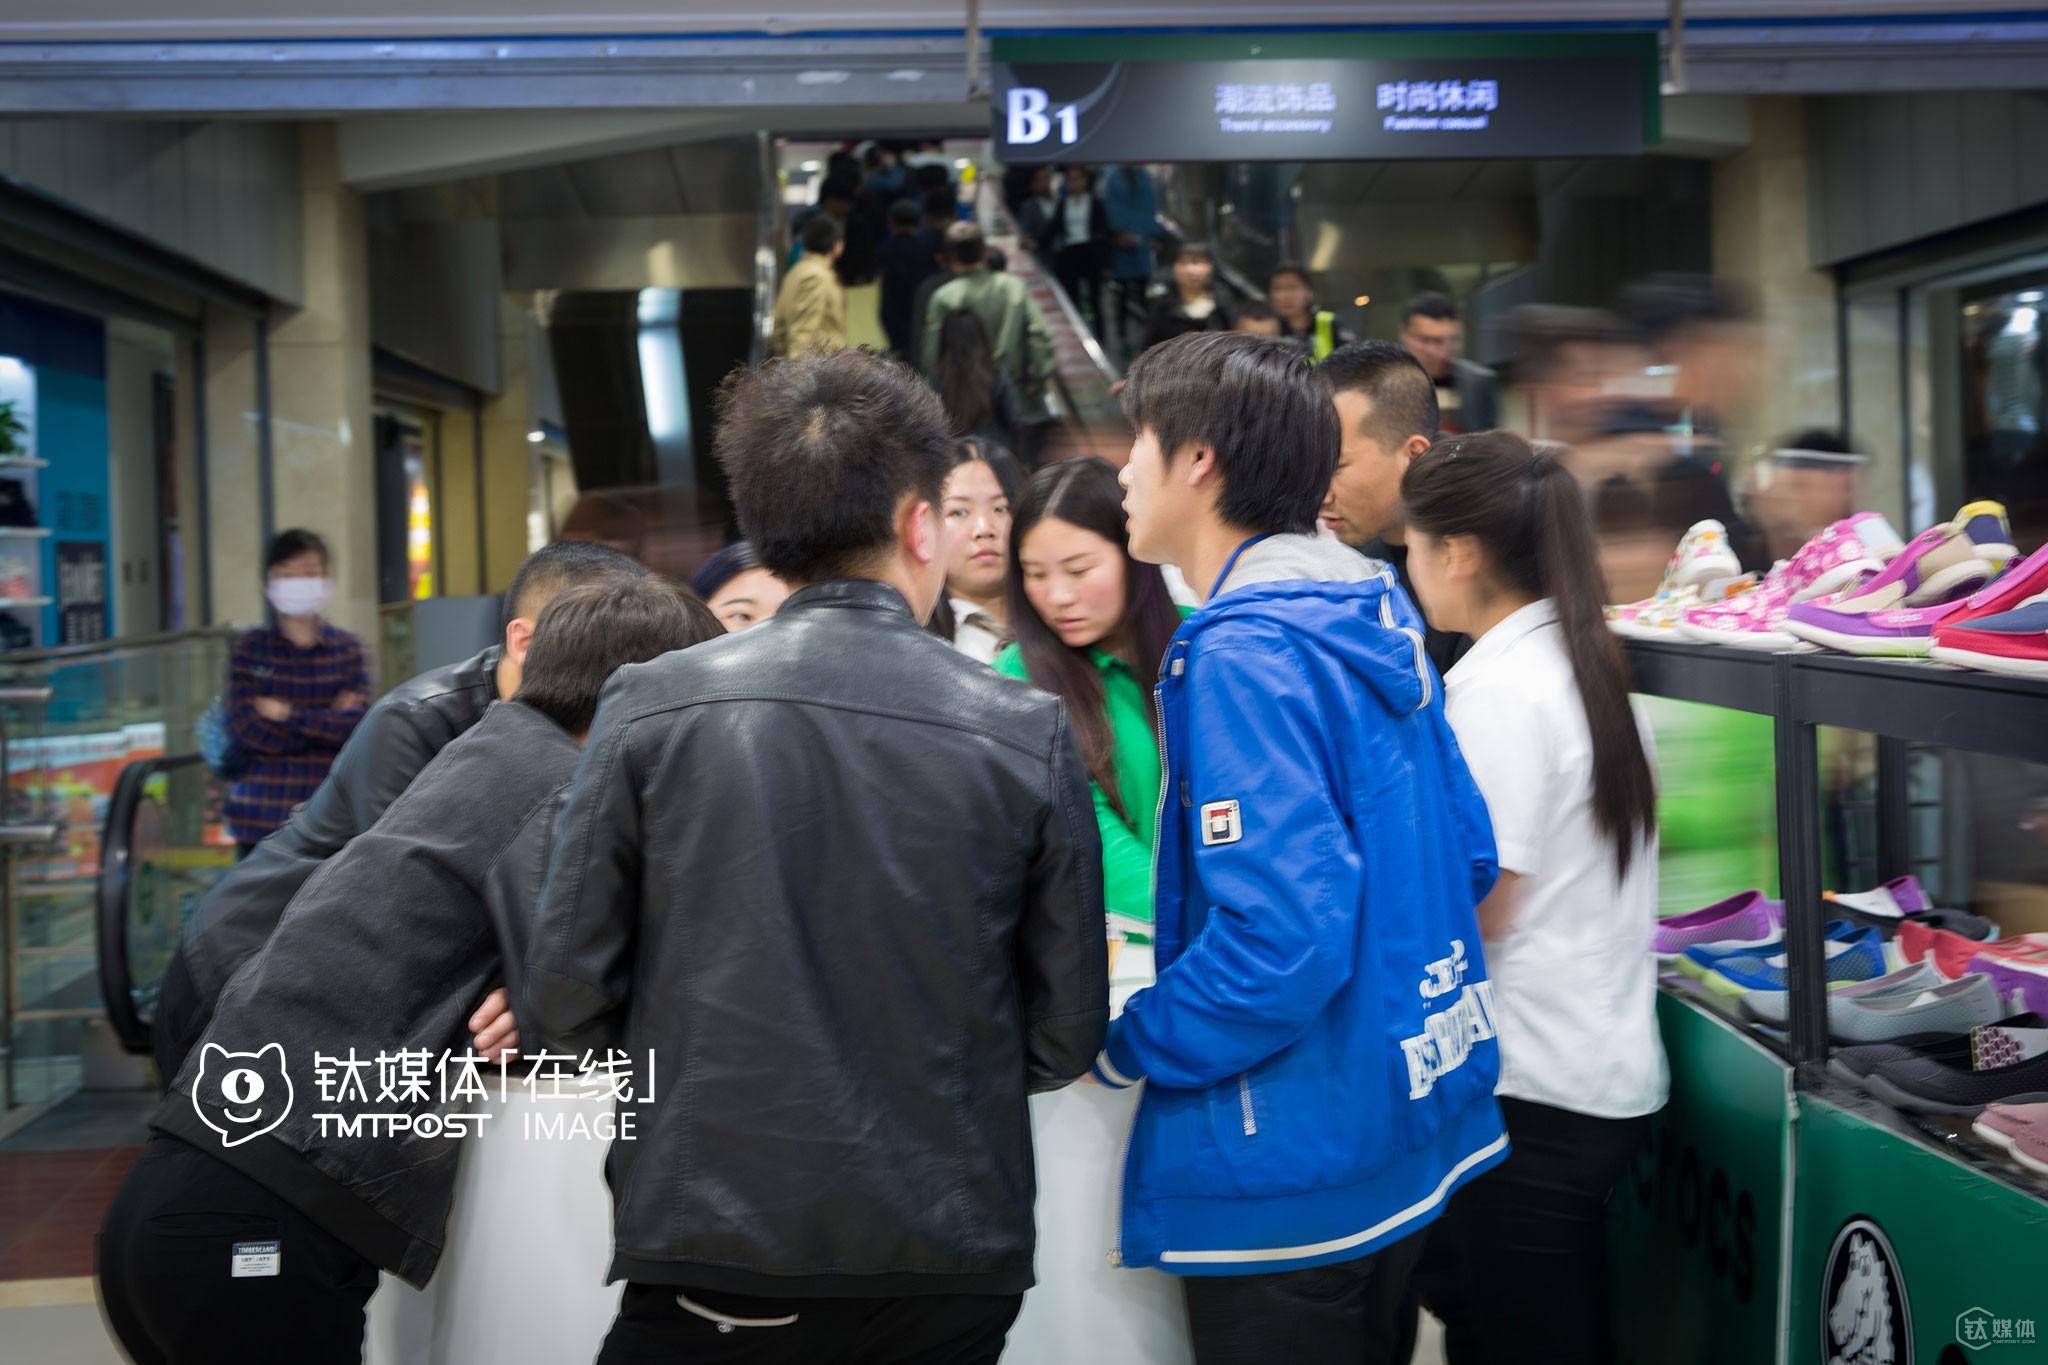 """4月9日,一共有大约260名顾客走进这家店咨询或者消费。""""这是周末人流量比较大的时候,周一到周五更淡,我们这家店,每个月大概卖出手机100台左右,加上其他的业务,也就是收支持平的状态。""""店长杨威介绍,""""北京像双桥这样的很多,密集地分布着手机店,市场早已饱和,大家都是在硬撑,这些老板都是前几年做手机赚了钱的,只看谁能撑到最后,就会有前景。"""""""